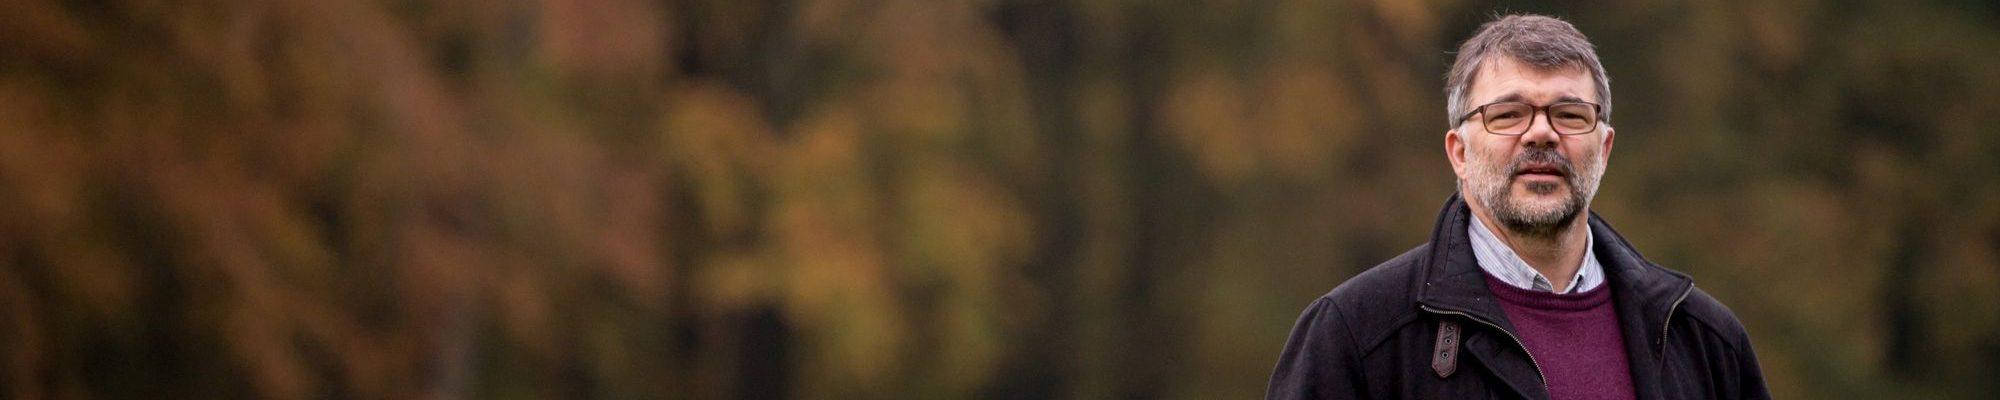 embracelife.dk – Integral Coaching/v Ole Vilstrup